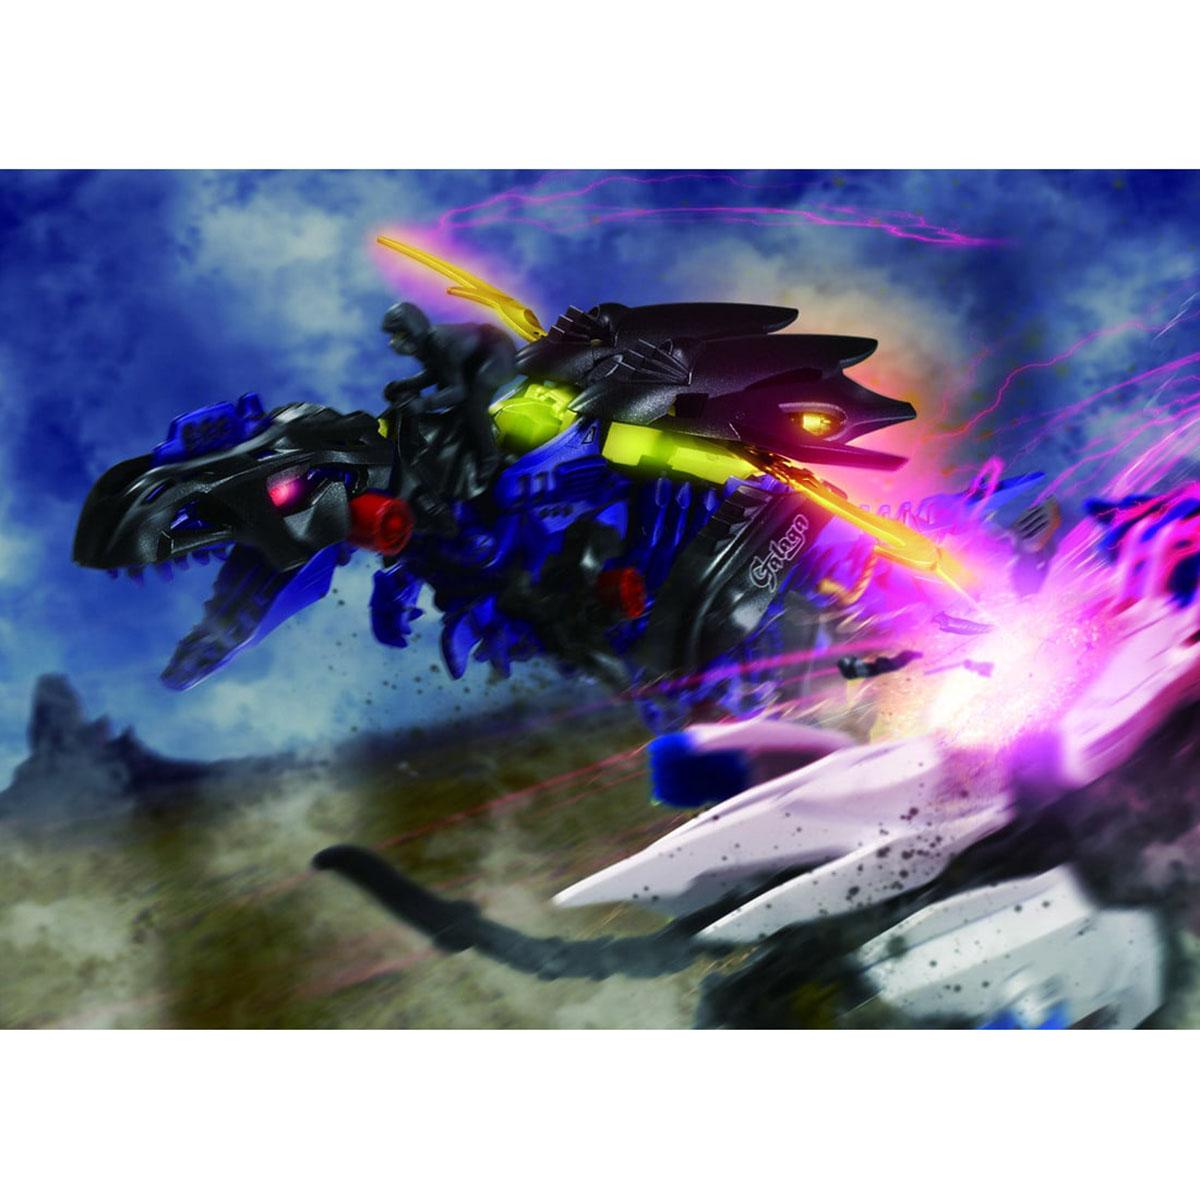 ゾイドワイルド『ZW22 ギルラプター(指揮官機)』電動フィギュア-007